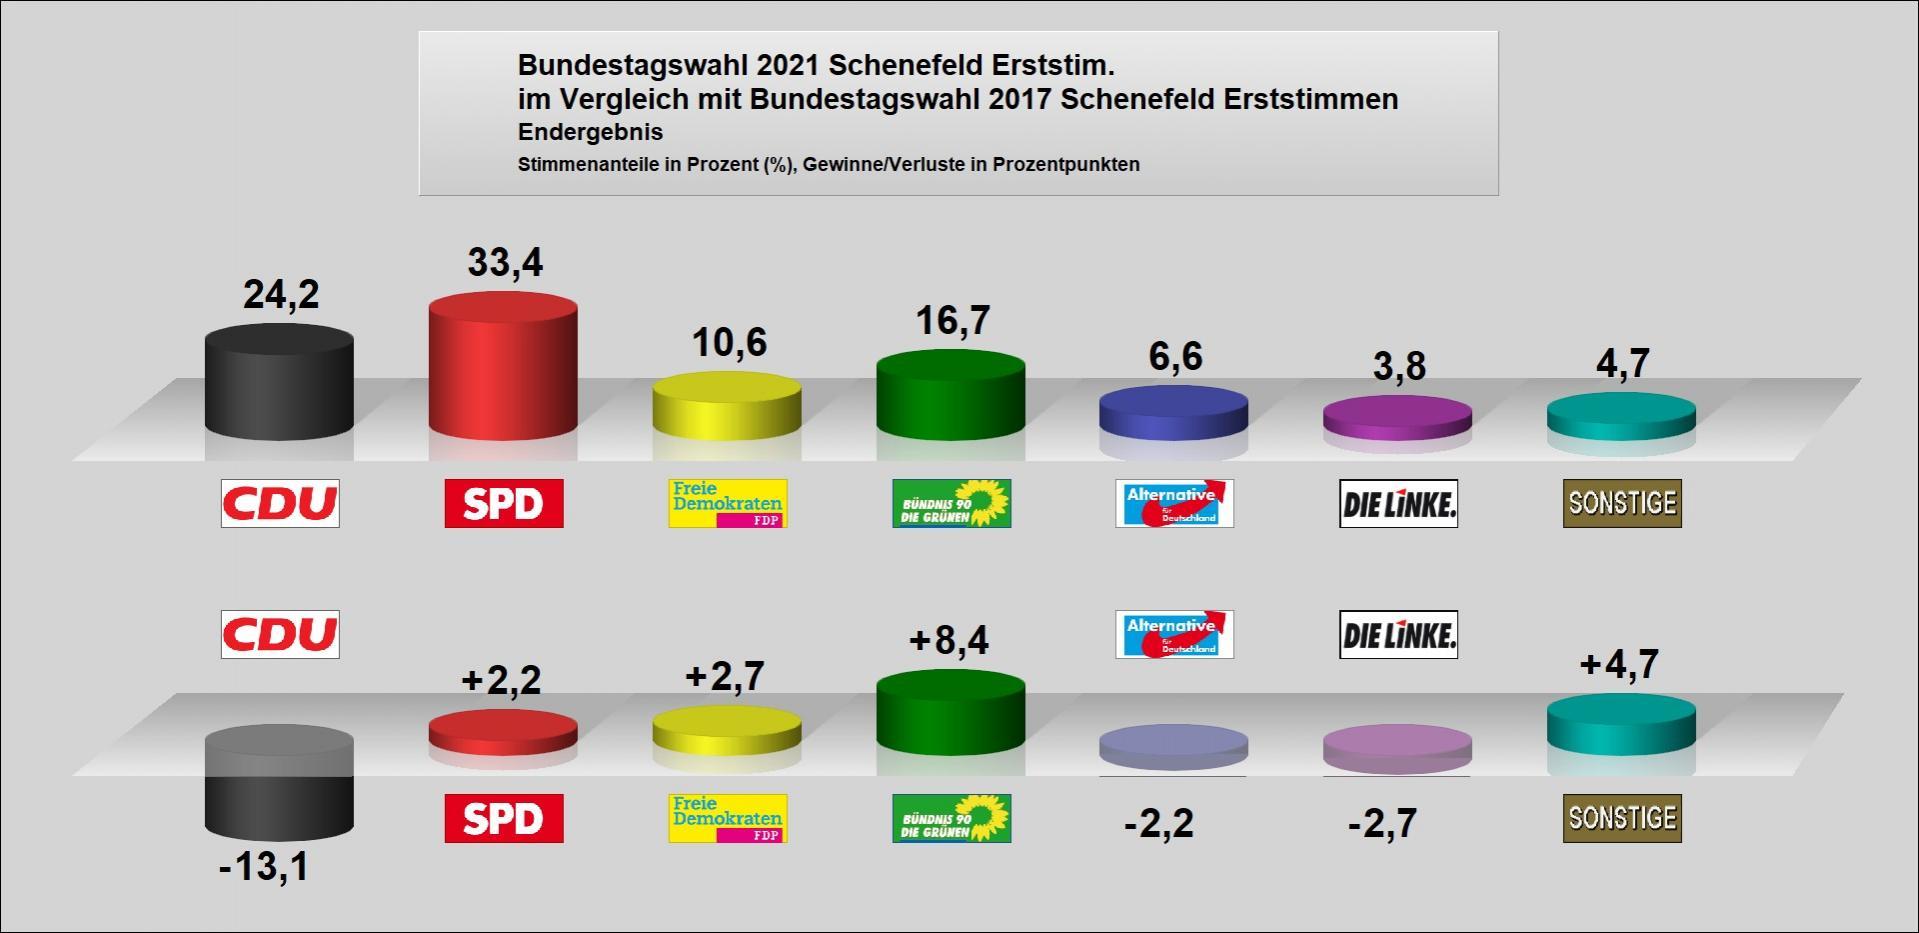 Bundestagswahl 2021 - Schenefeld Erststimme im Vergleich mit Bundestagswahl 2017